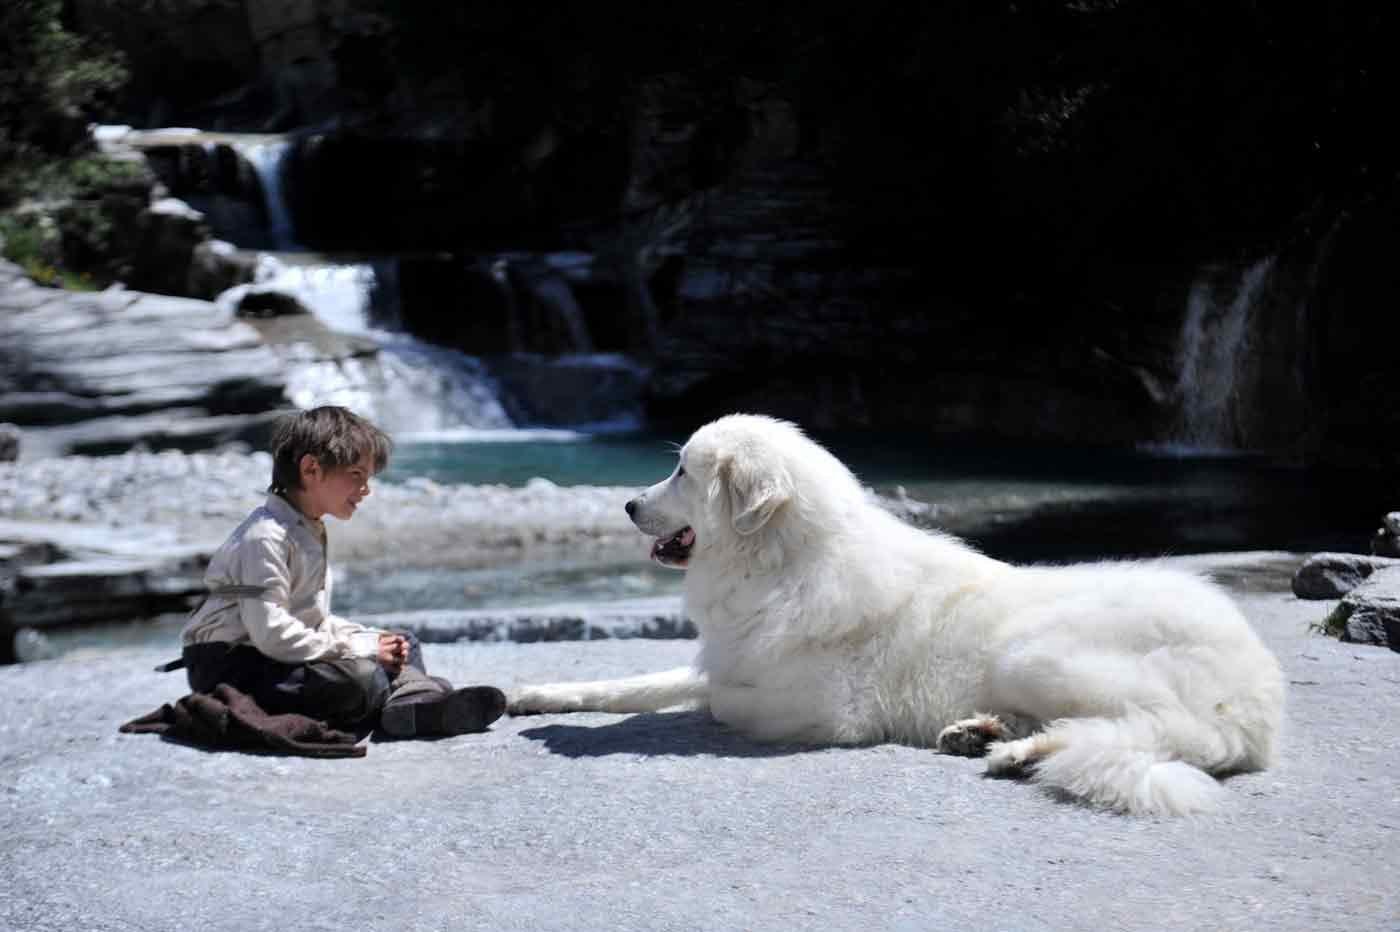 ベル&セバスチャン 犬好き映画コレクション グレートピレニーズ